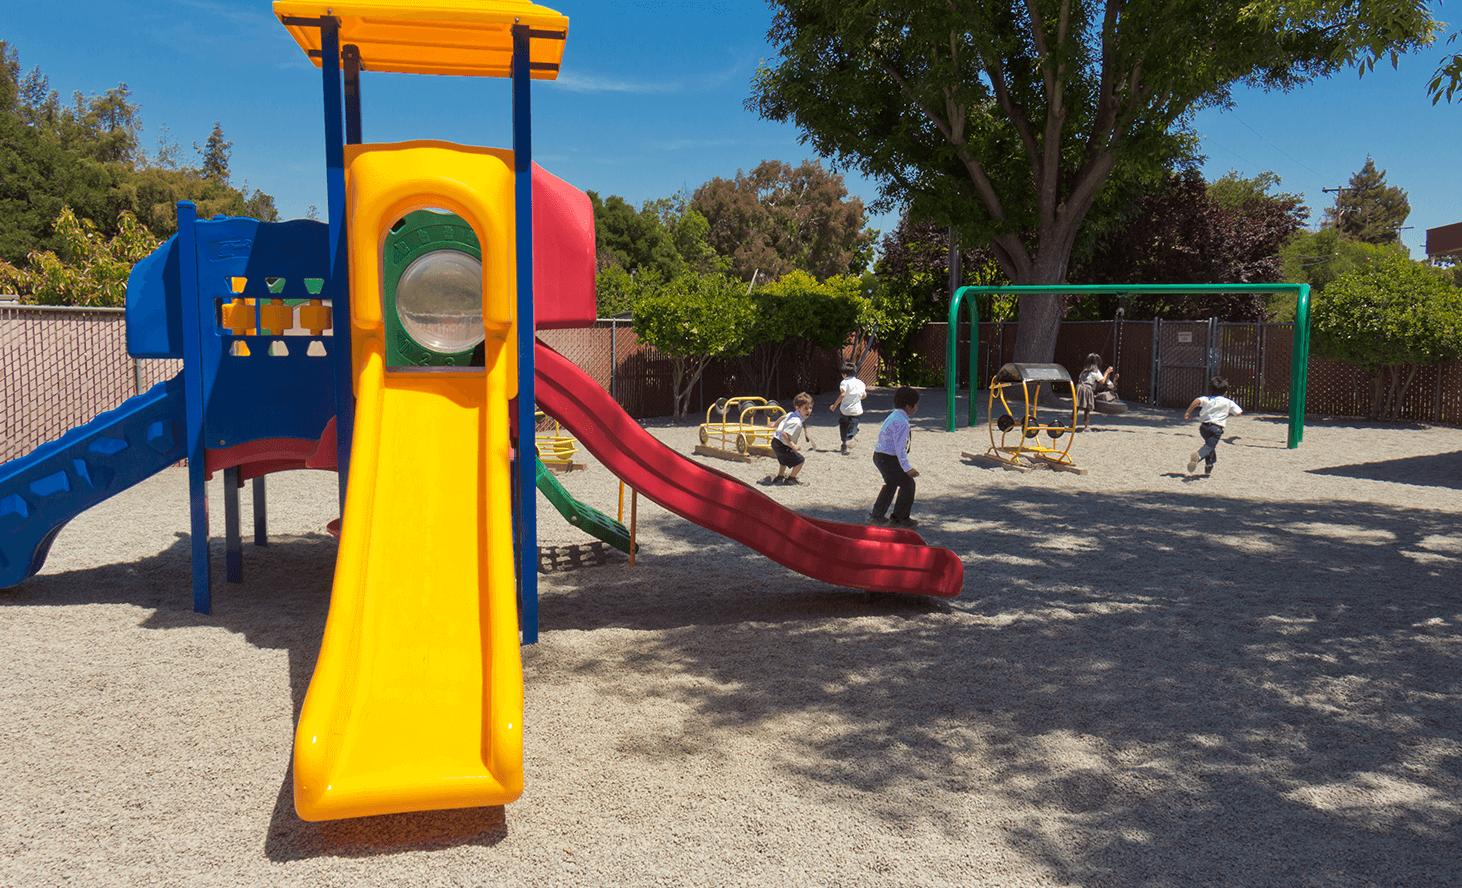 Preschool Playground | Challenger School - Saratoga | Private School In Saratoga, California